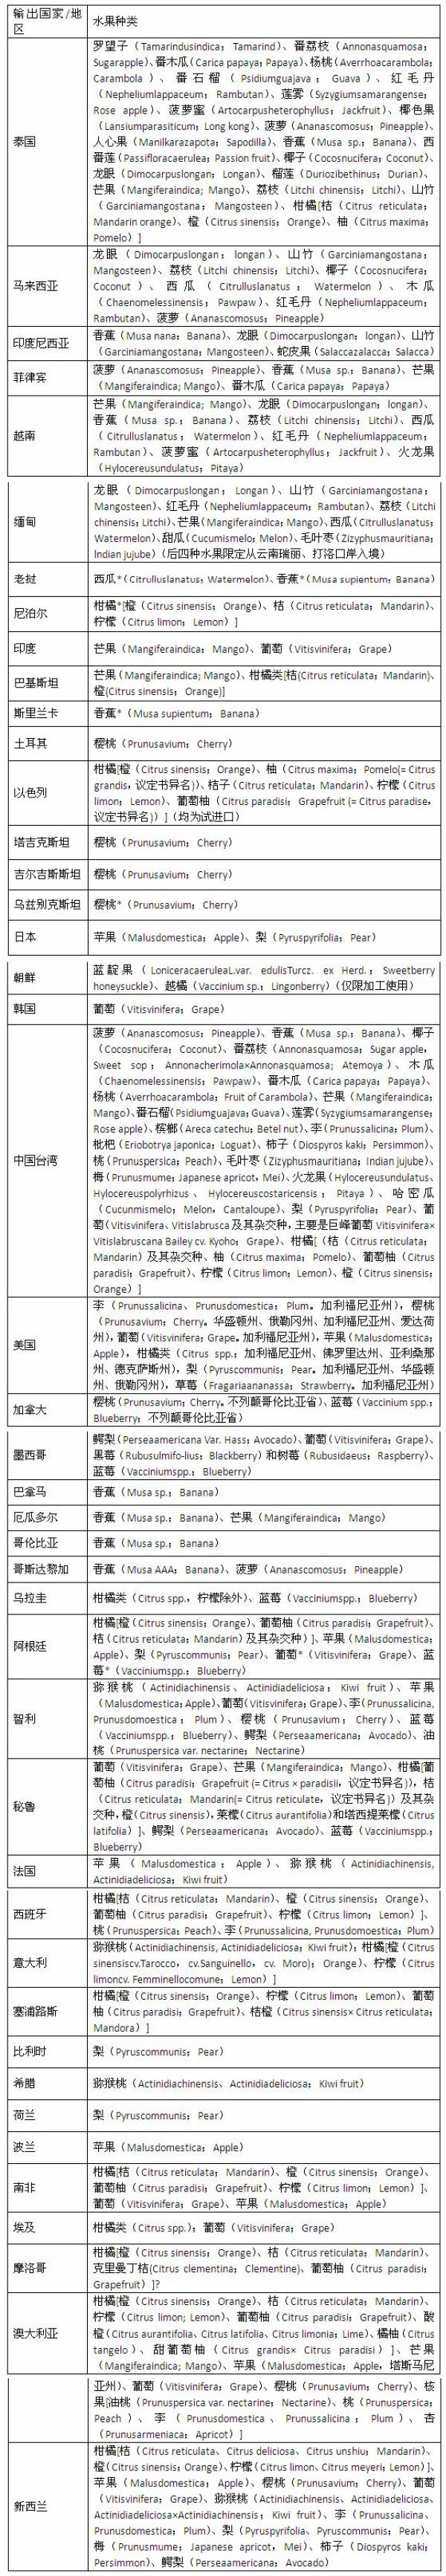 备注:(1) 水不雅名称按照中文名、拉丁学名和英文名次序表示。